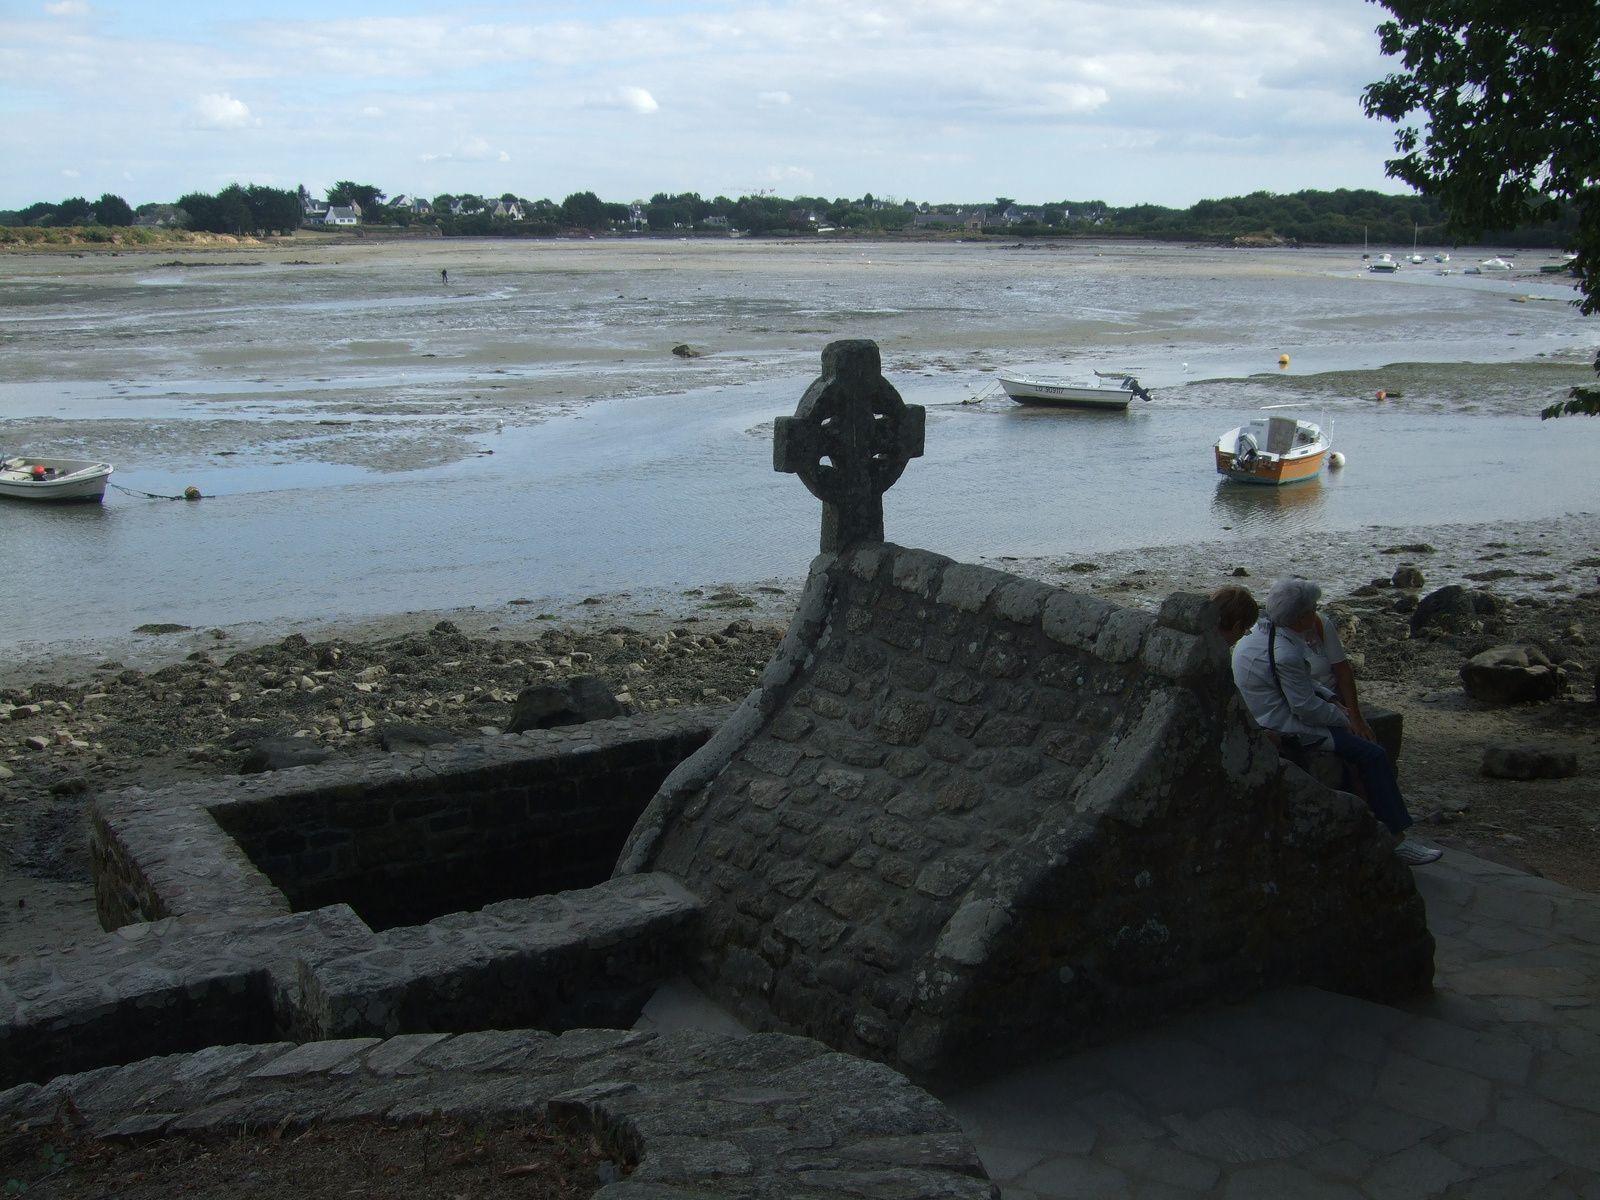 L'Île de Saint-Cado - photos prises en septembre 2013